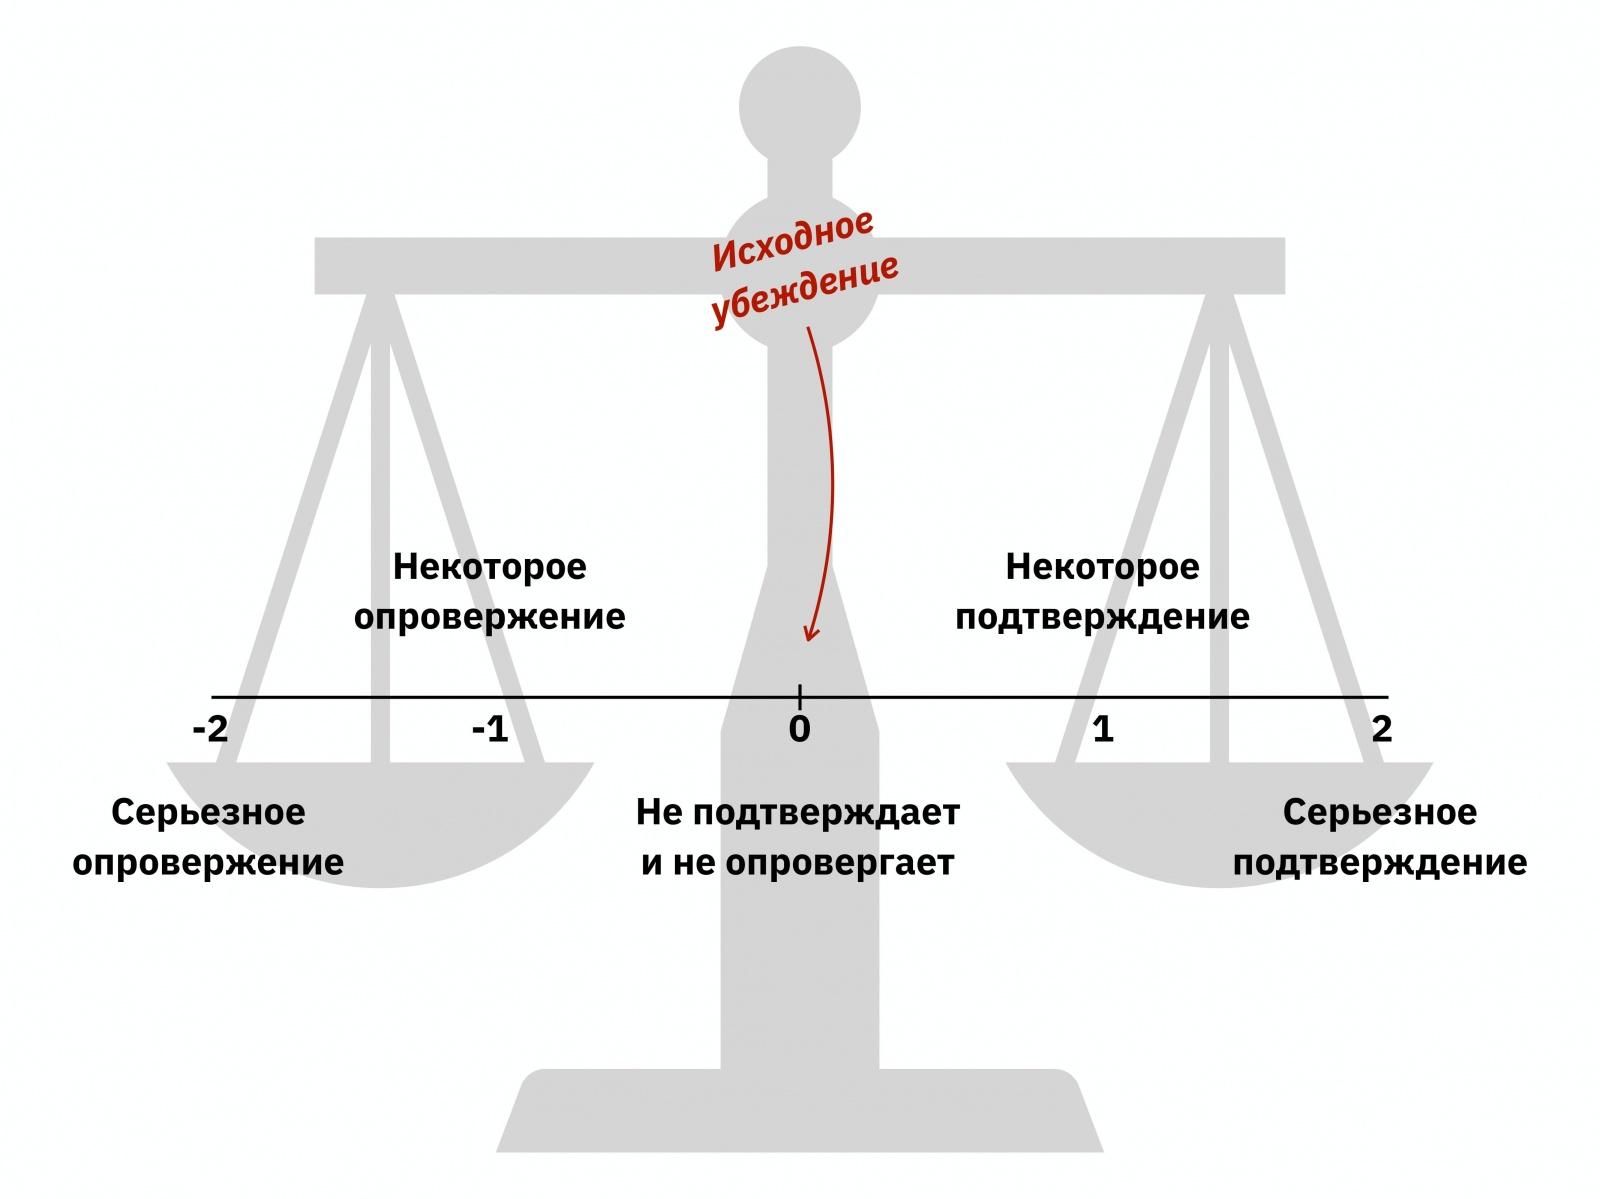 Алексей Каптерев: Критическое мышление 101 (часть 2) - 68